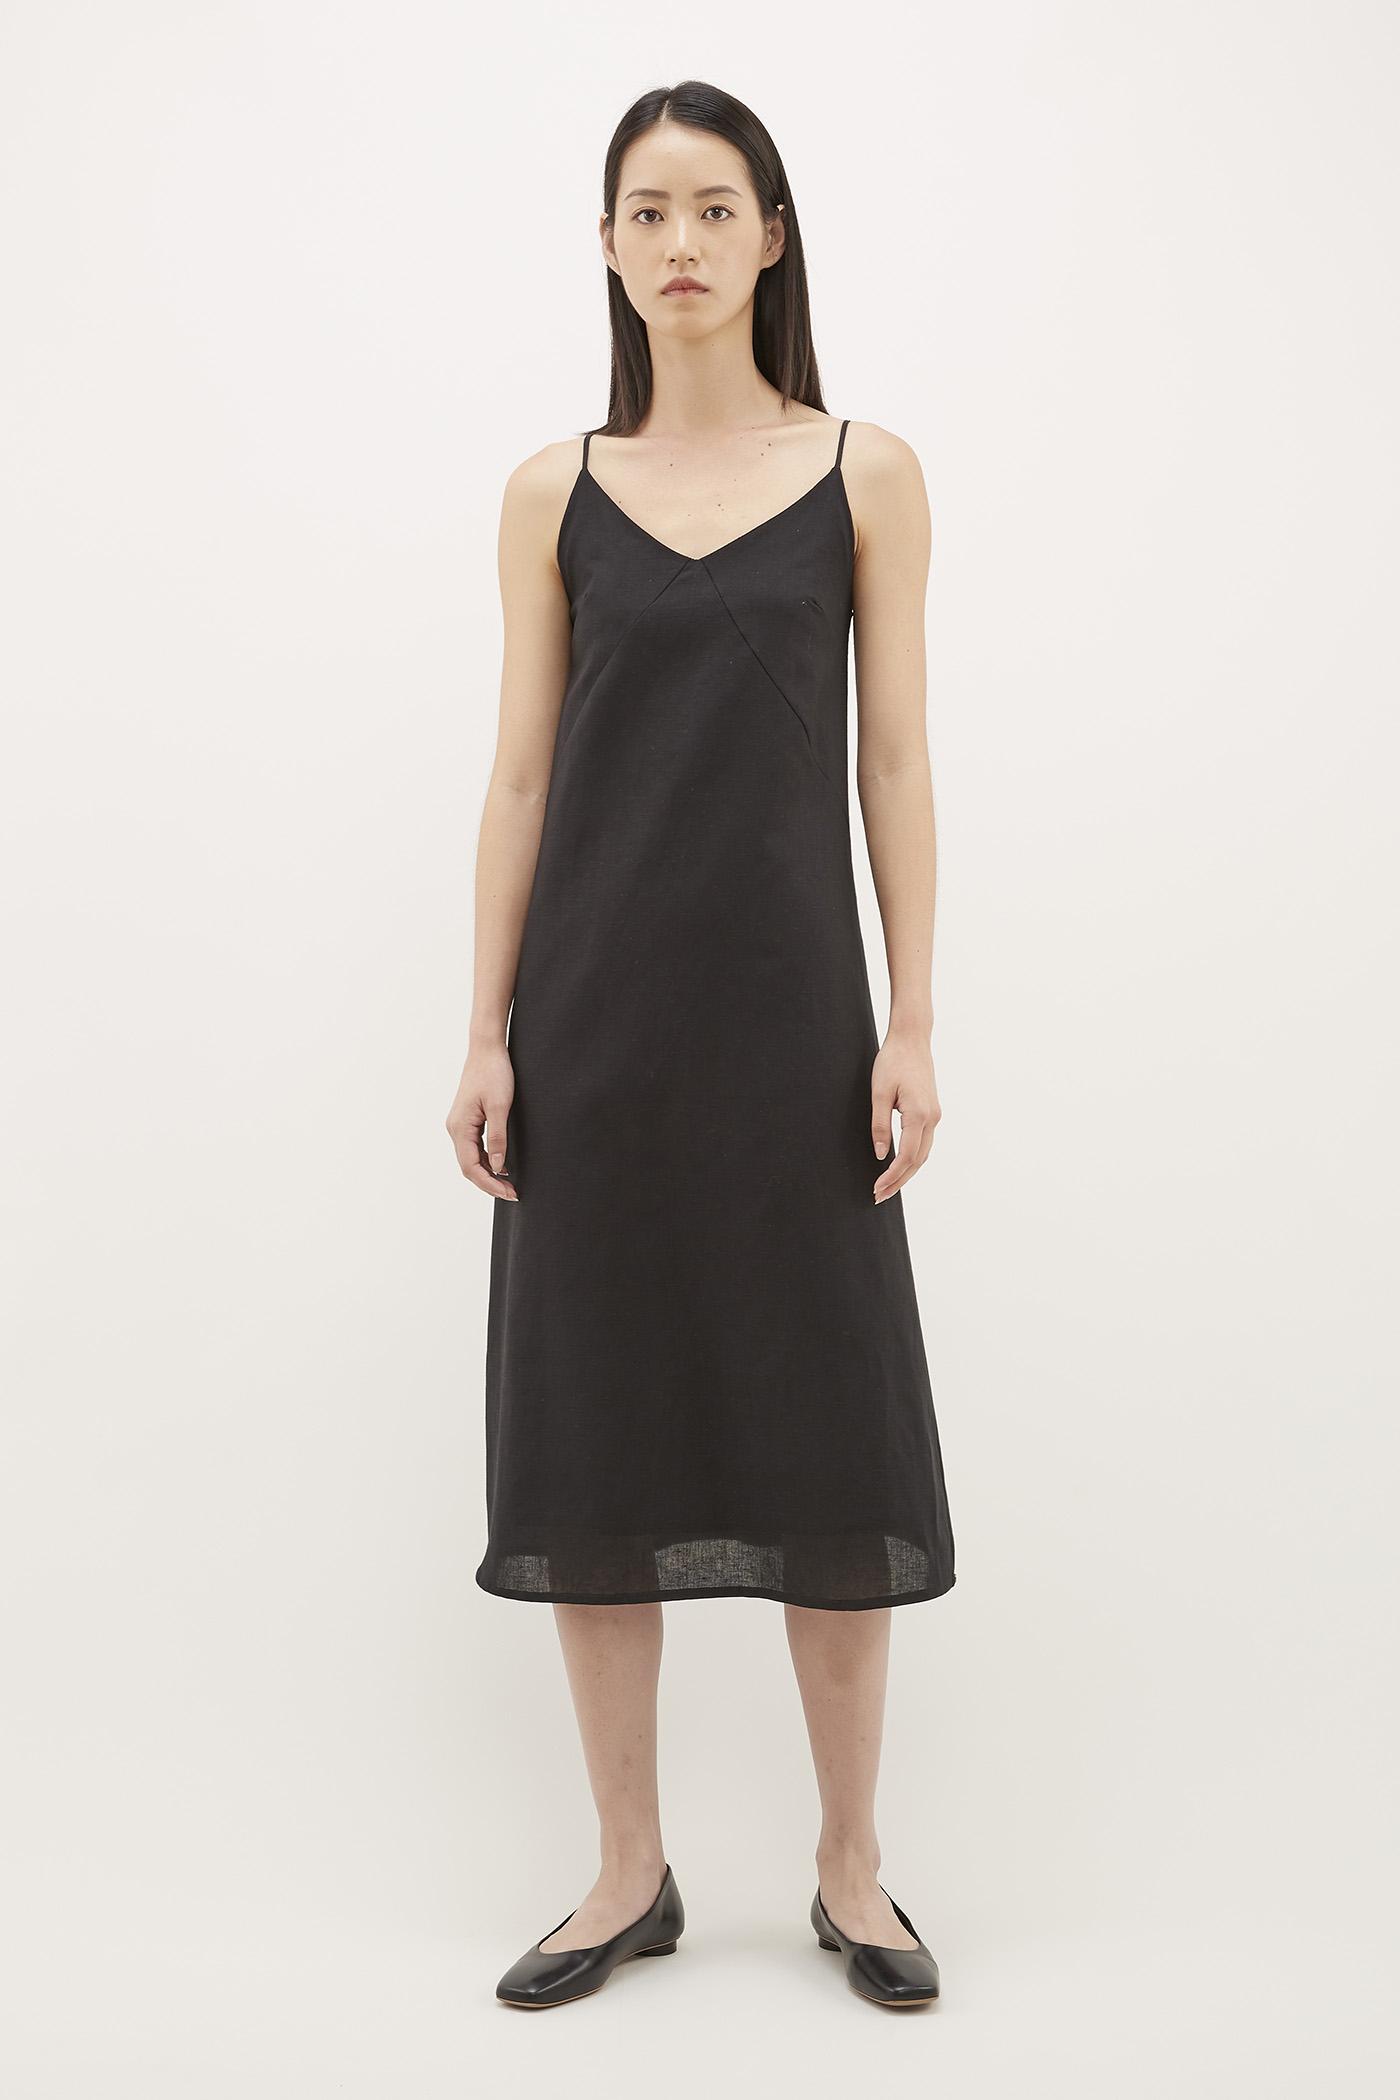 Zaylee Cami Dress